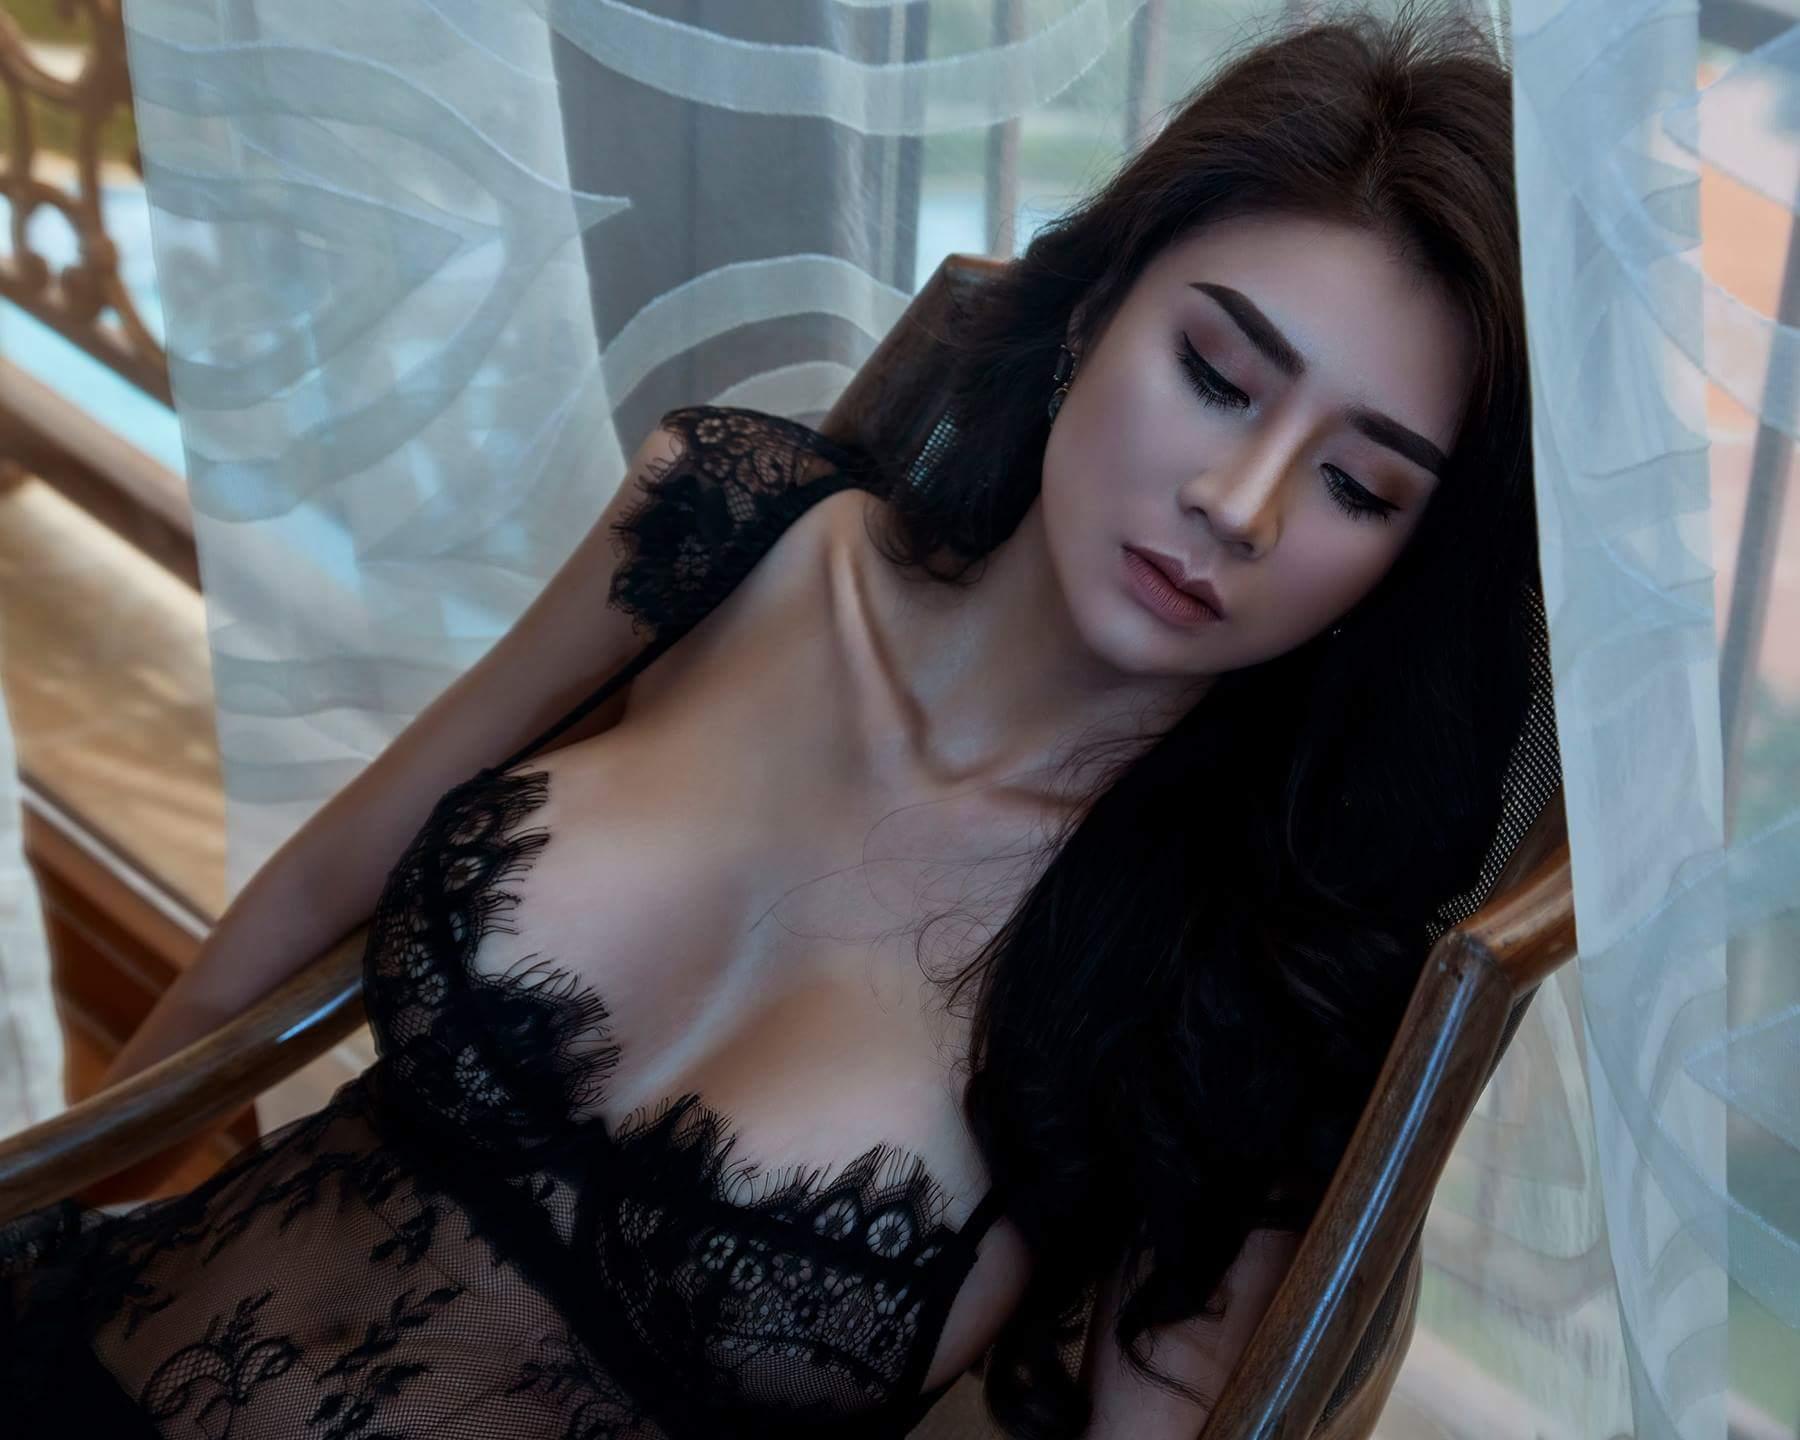 Vũ Ngọc Thiên Trúc nude rực lửa photo Vương Chánh Khiêm